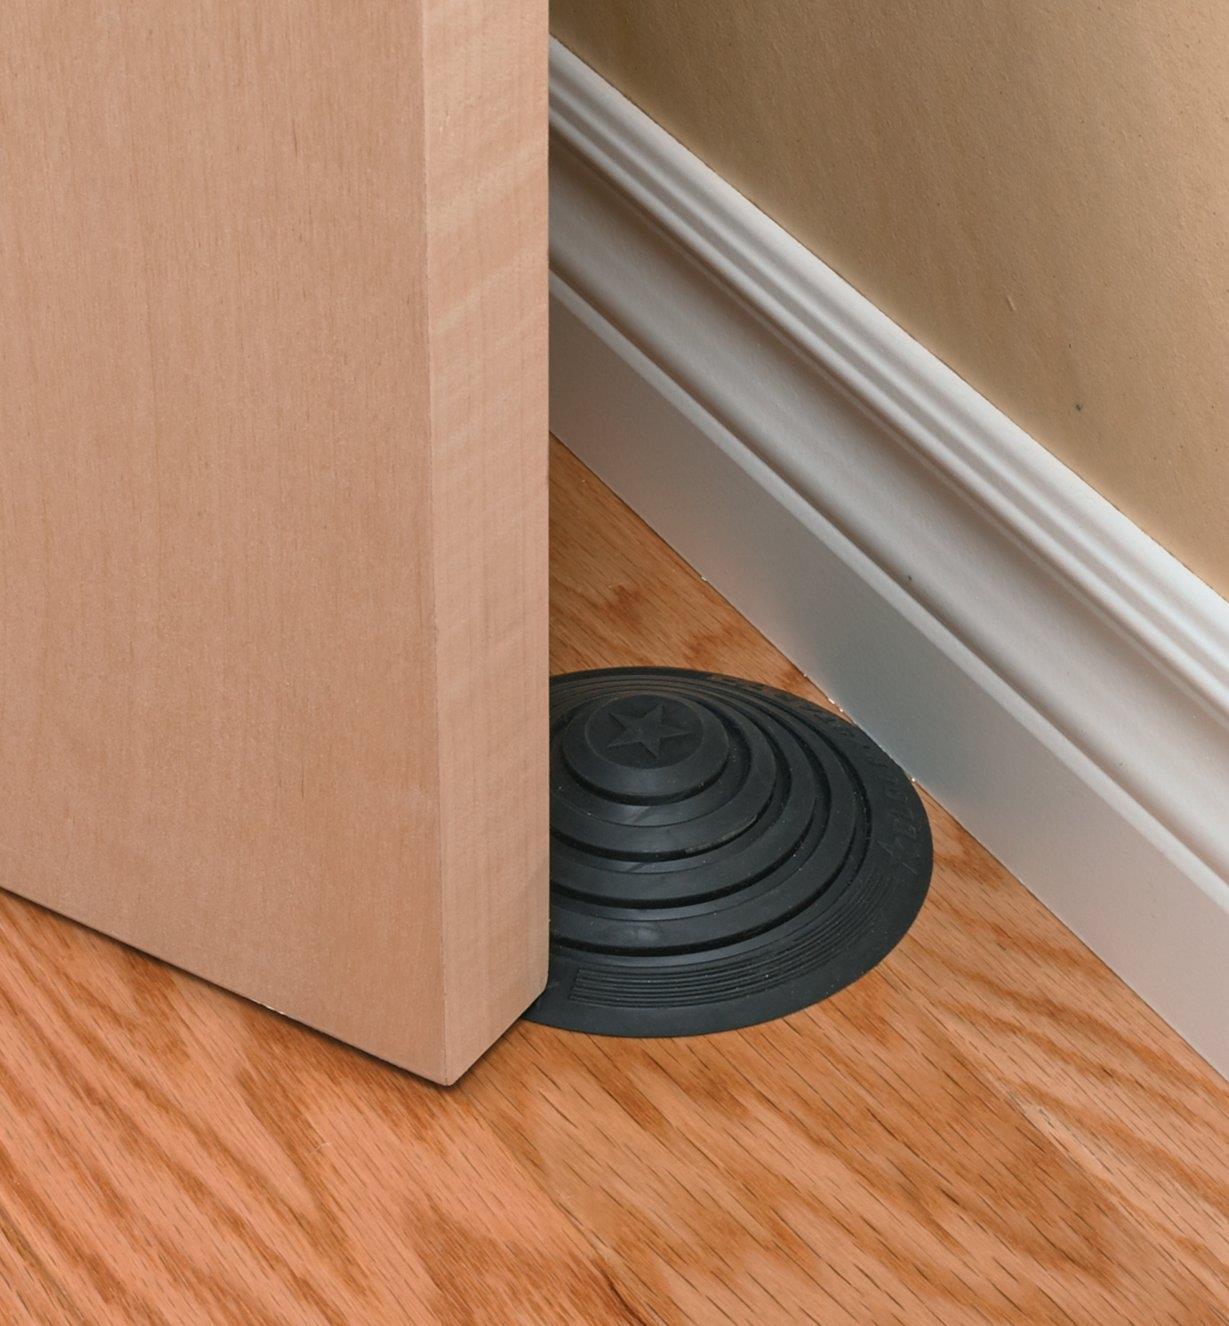 No-Stoop Doorstop preventing a door from hitting baseboards